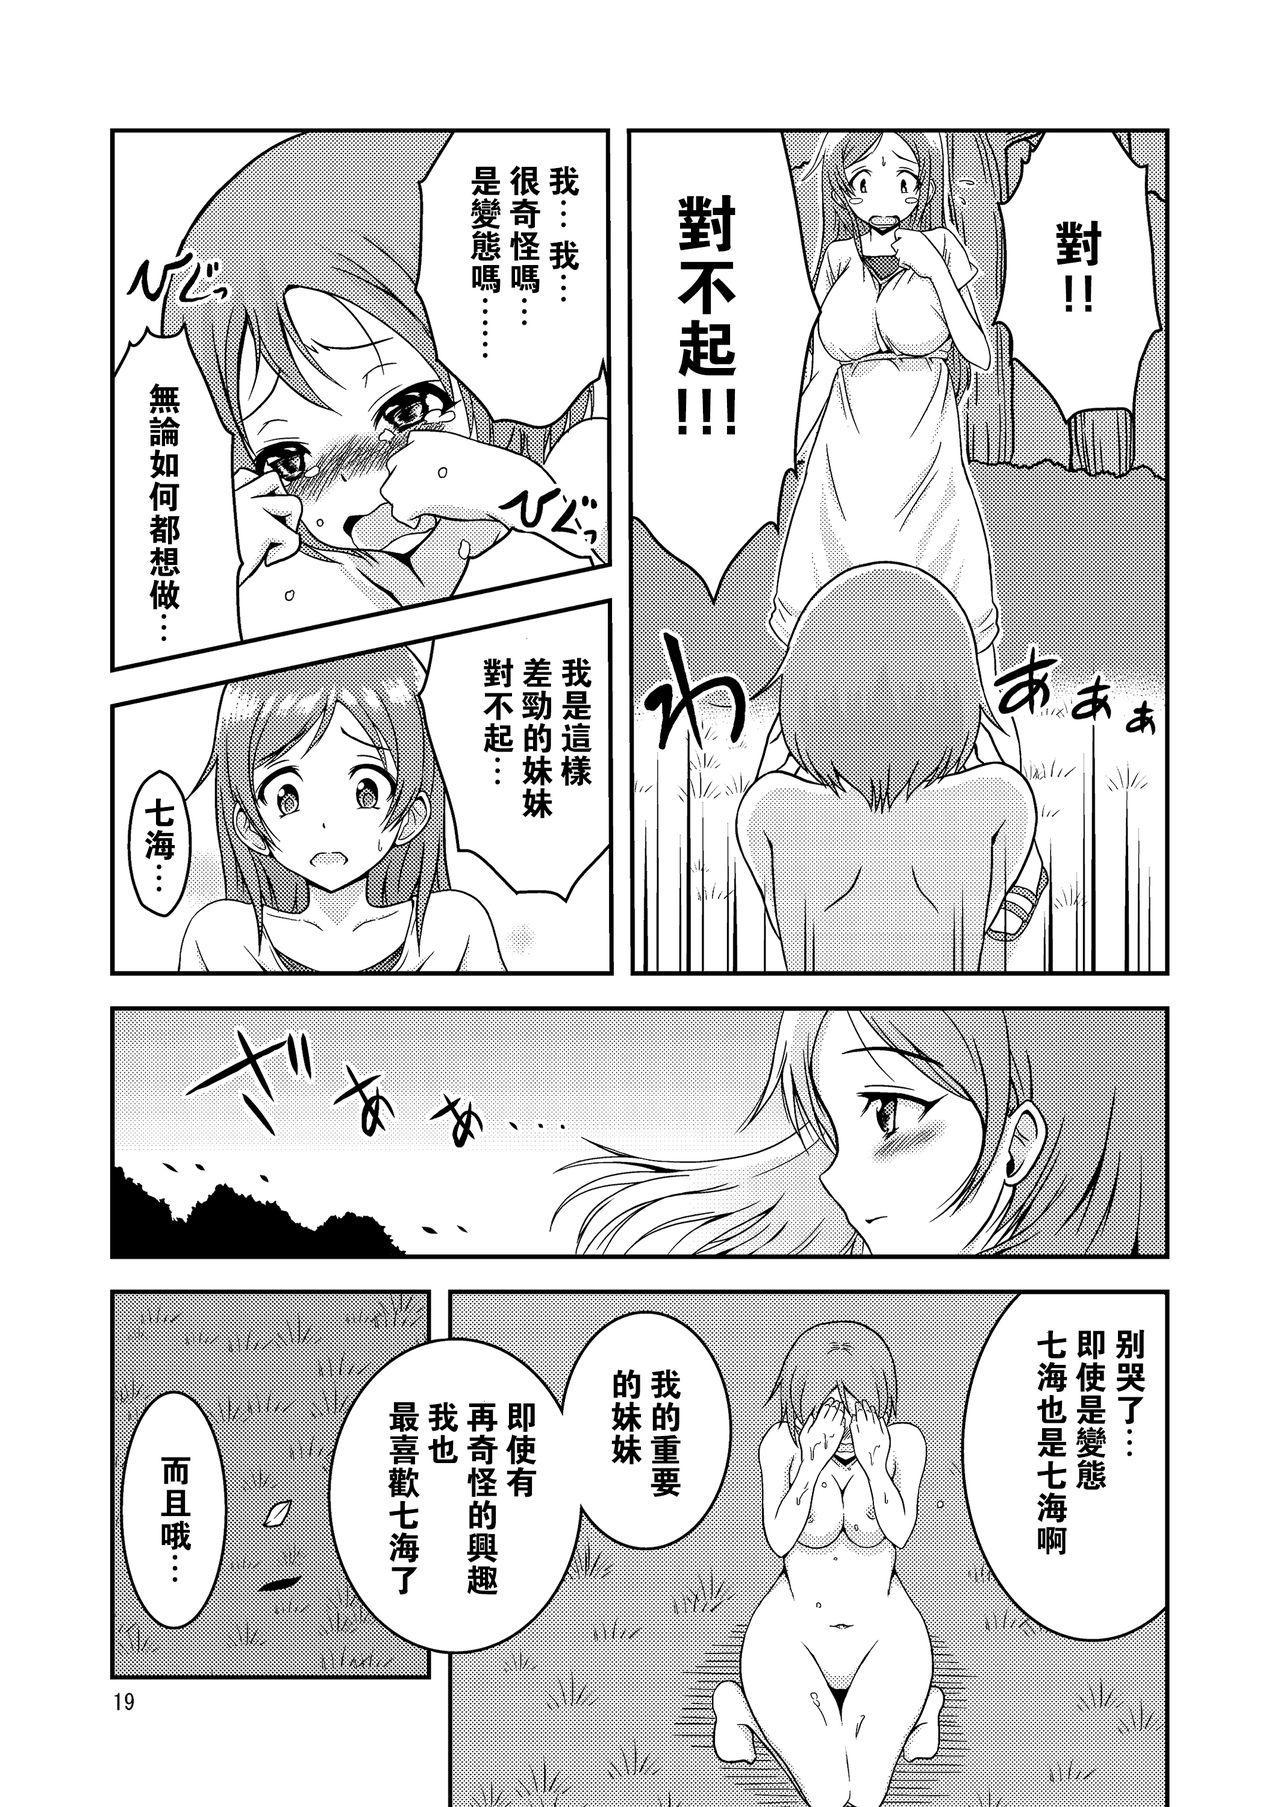 Hentai Roshutsu Shimai 20